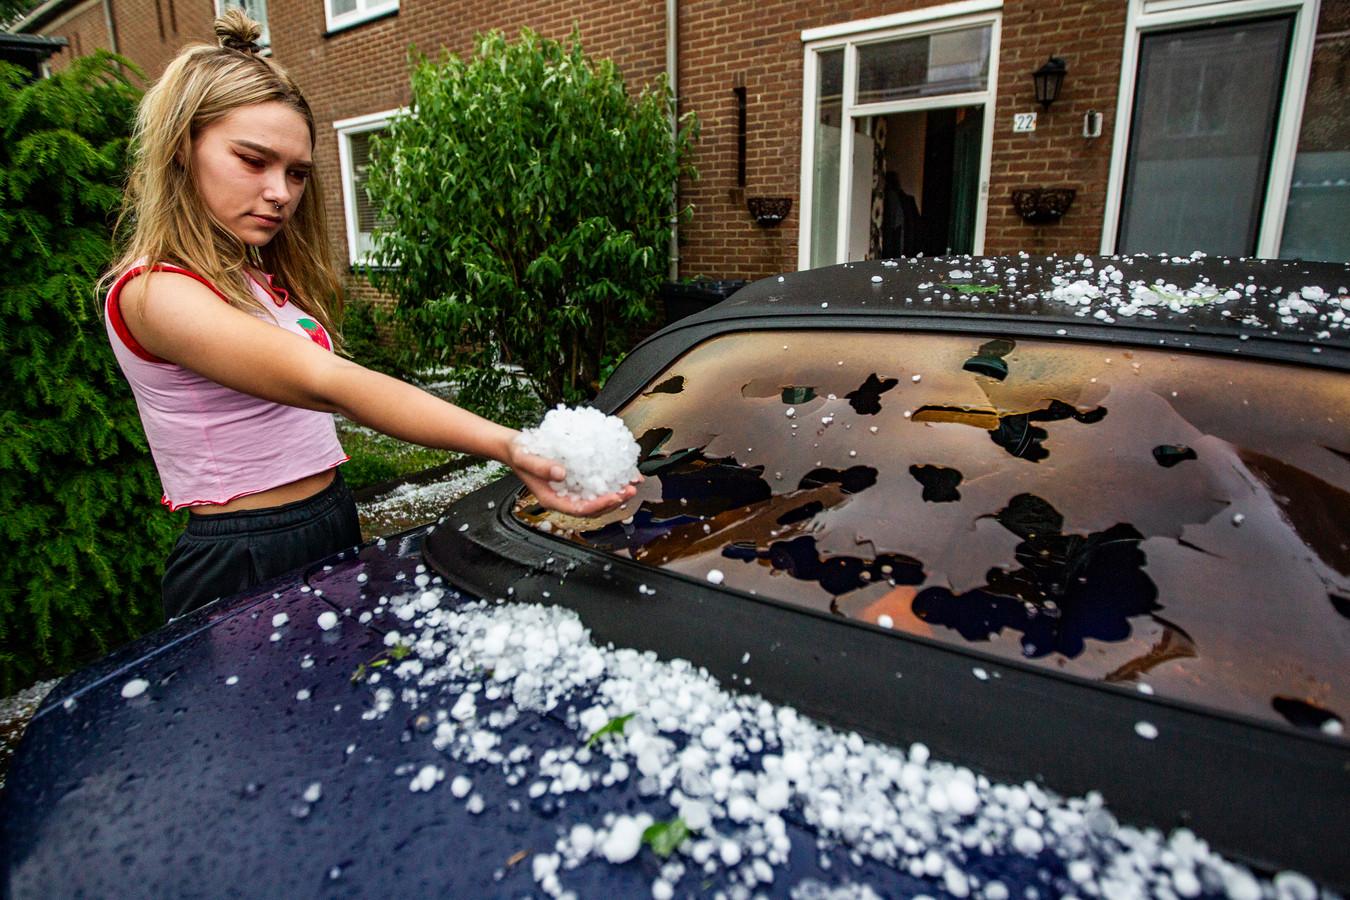 De cabrio van de familie Hissink had het zwaar te verduren tijdens de enorme hagelbui die boven Deventer losbarstte, woensdagavond rond 19.30 uur.